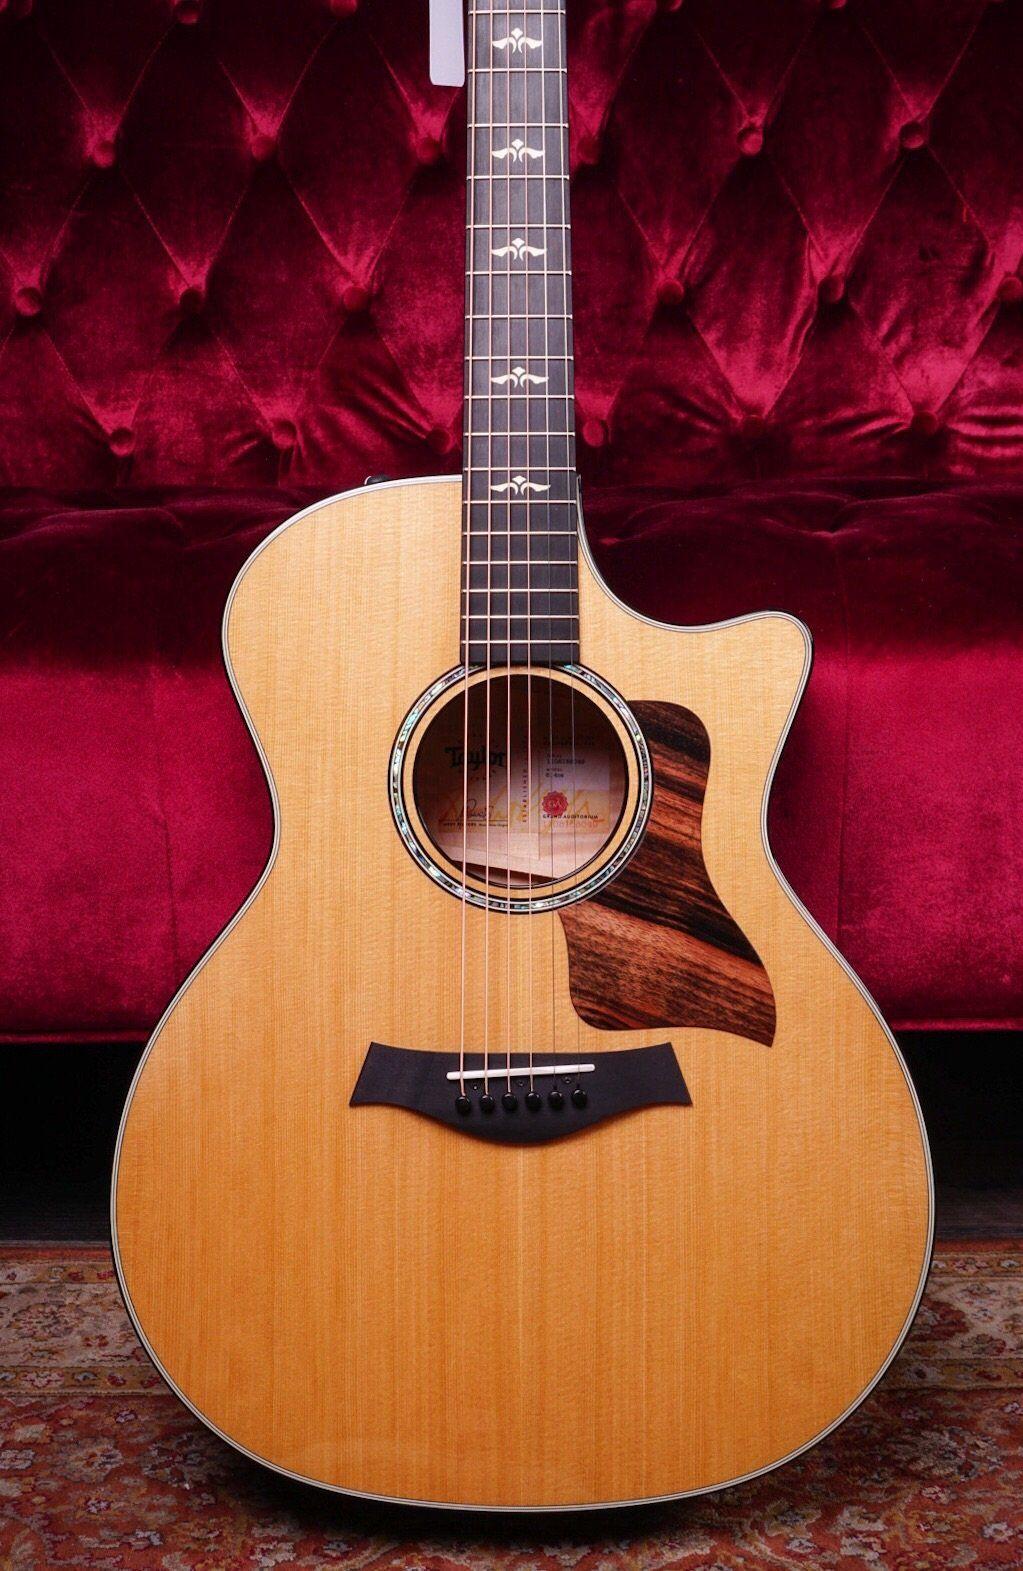 Taylor 614ce V Class Grand Auditorium Acoustic Electric Guitar Acoustic Electric Guitar Acoustic Guitar